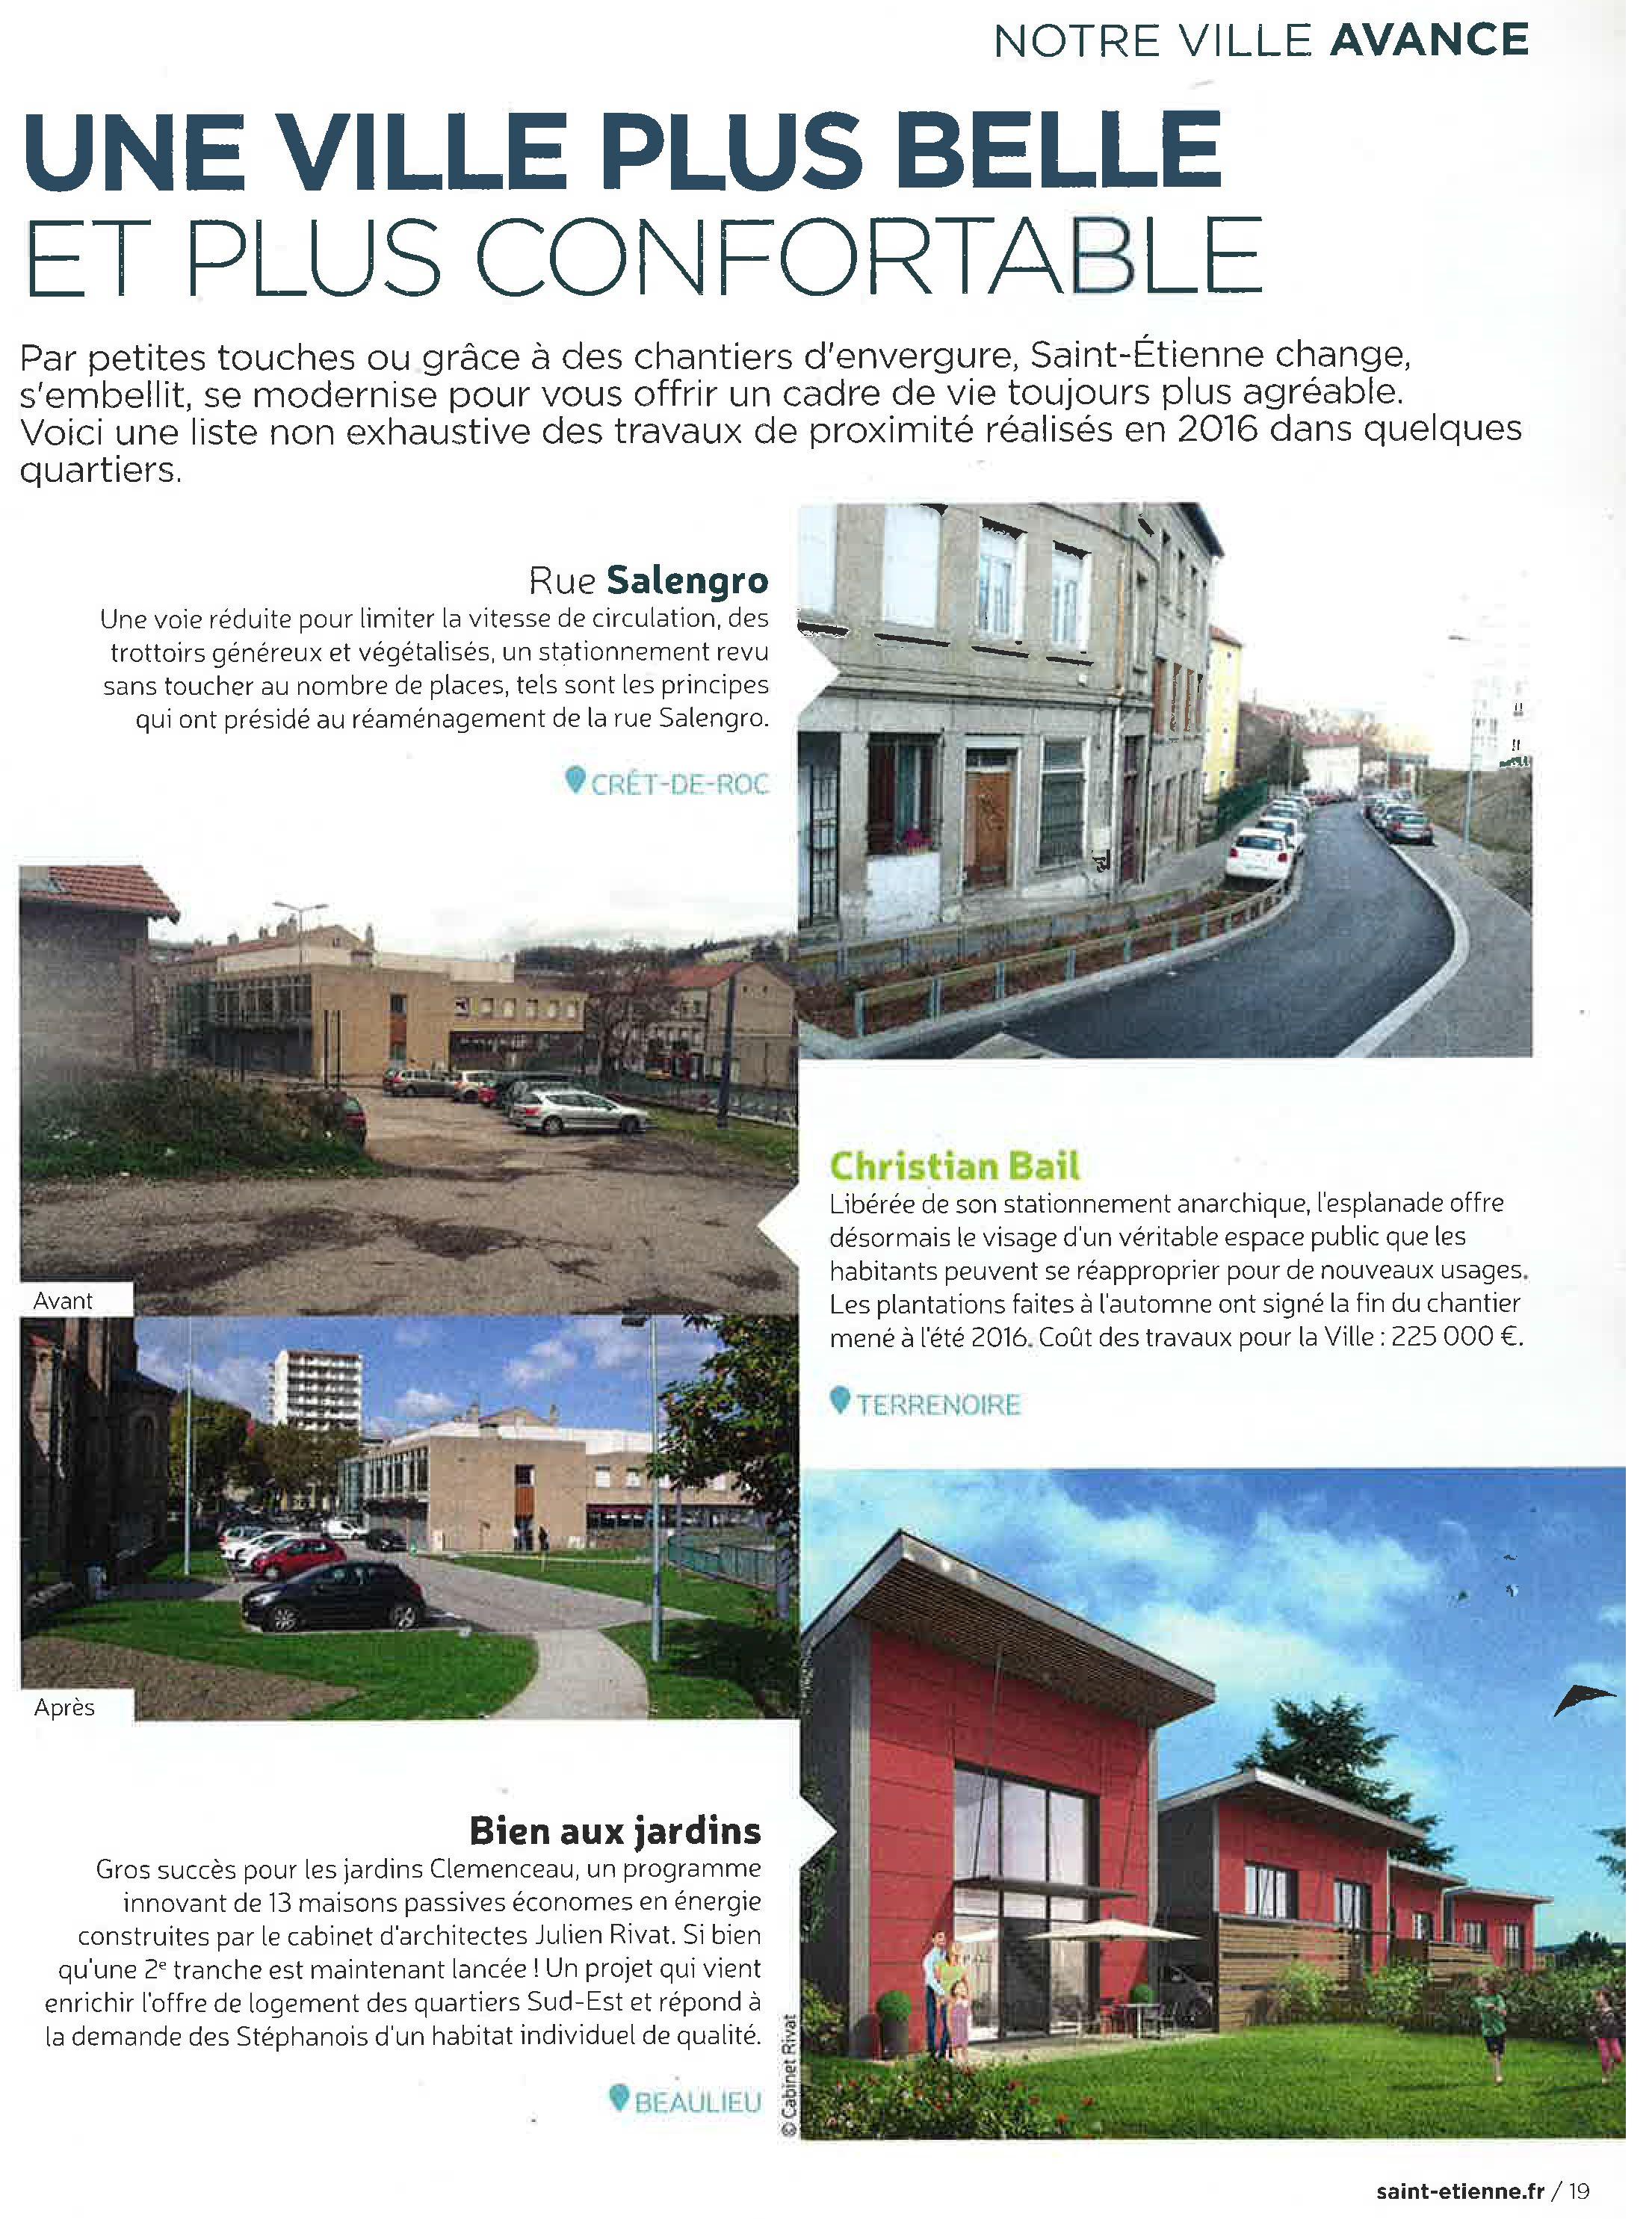 Les jardins clemenceau 13 maisons passives publi dans le magazine ville de saint etienne - Les jardins d arcadie st etienne ...